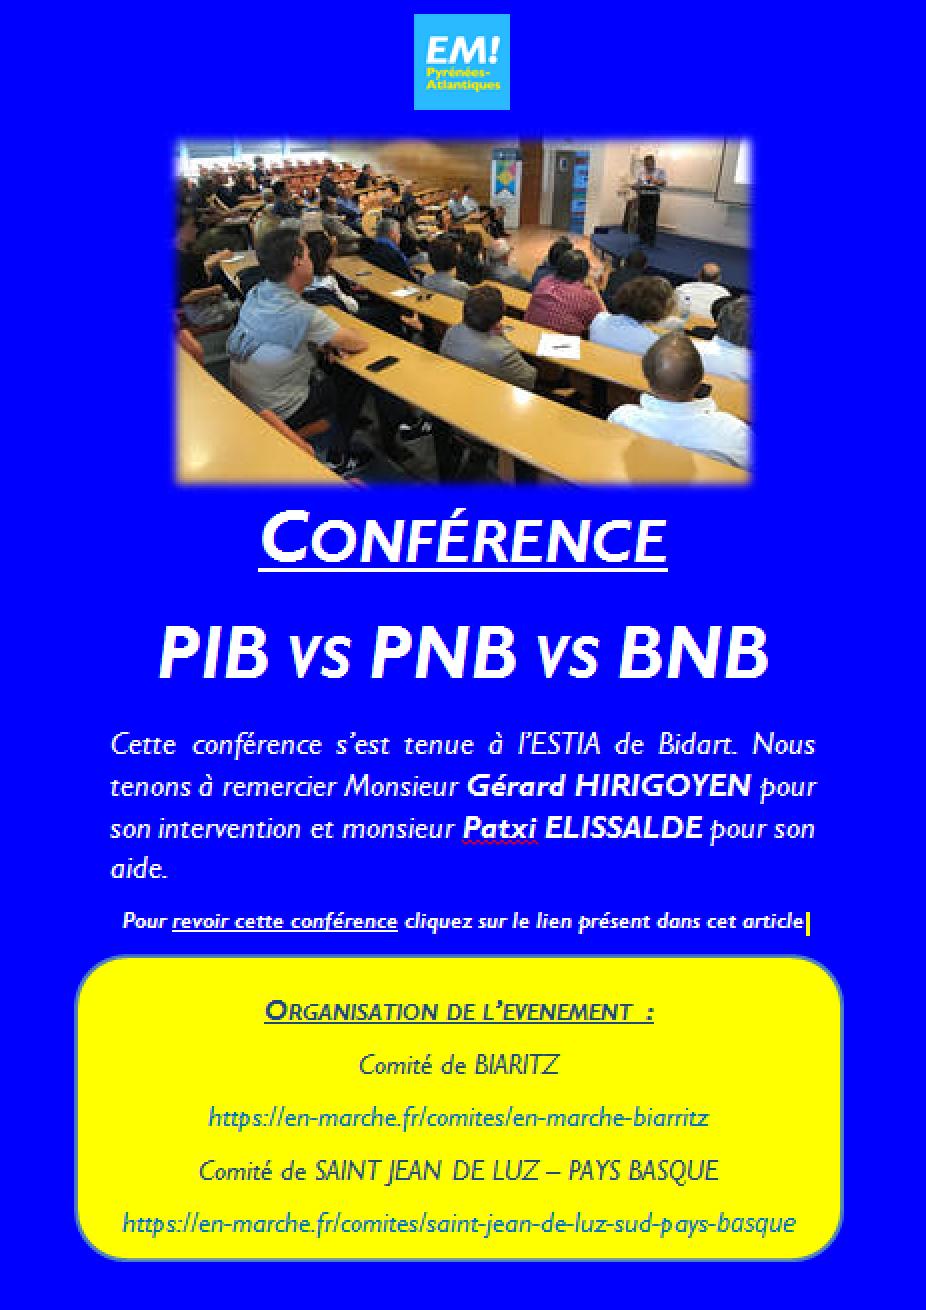 Conférence PIB vs PNB vs BNB